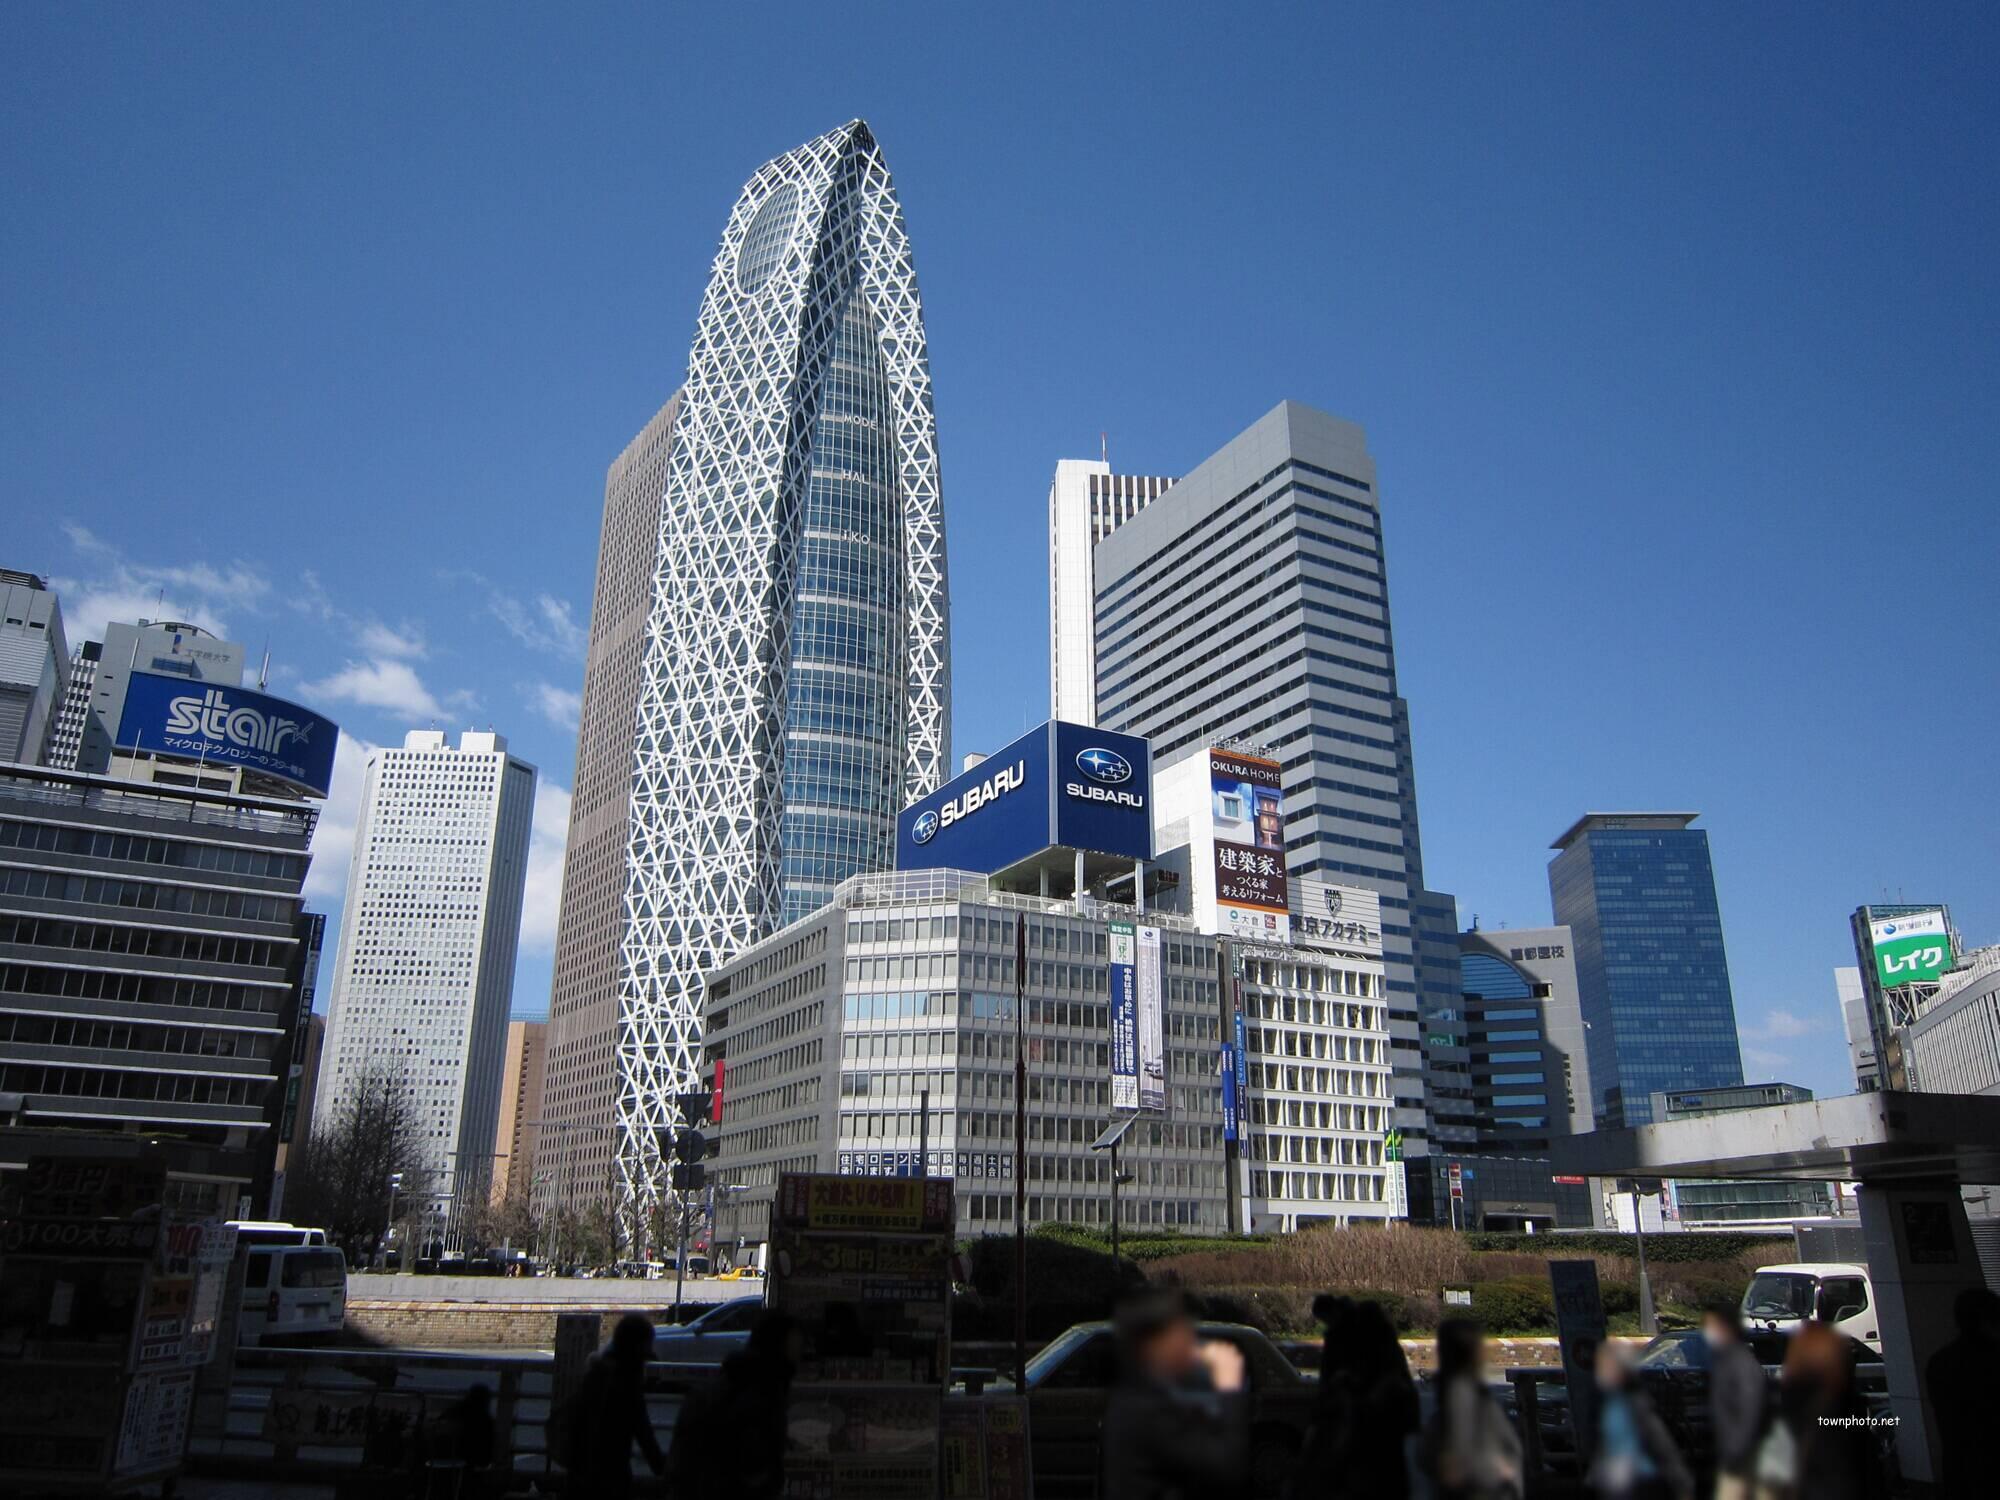 絶対に食べたい!ランチ激戦区新宿の人気ランチスポット5選!のサムネイル画像